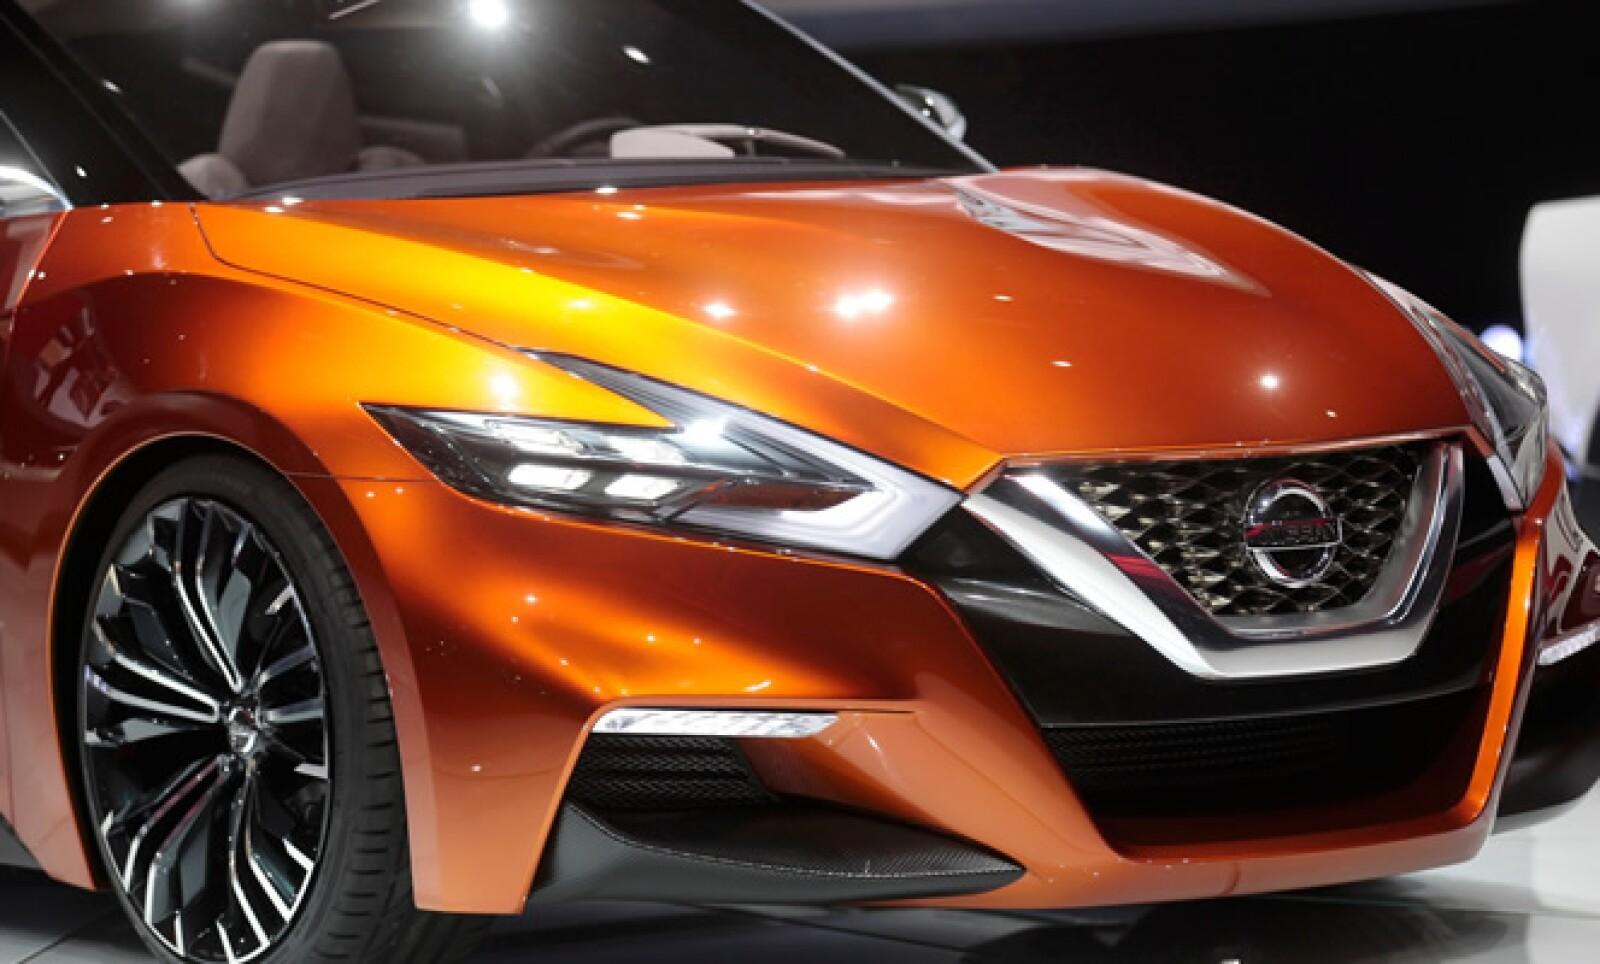 La iluminación en forma de boomerang también acentúa los diseños traseros de este vehículo.